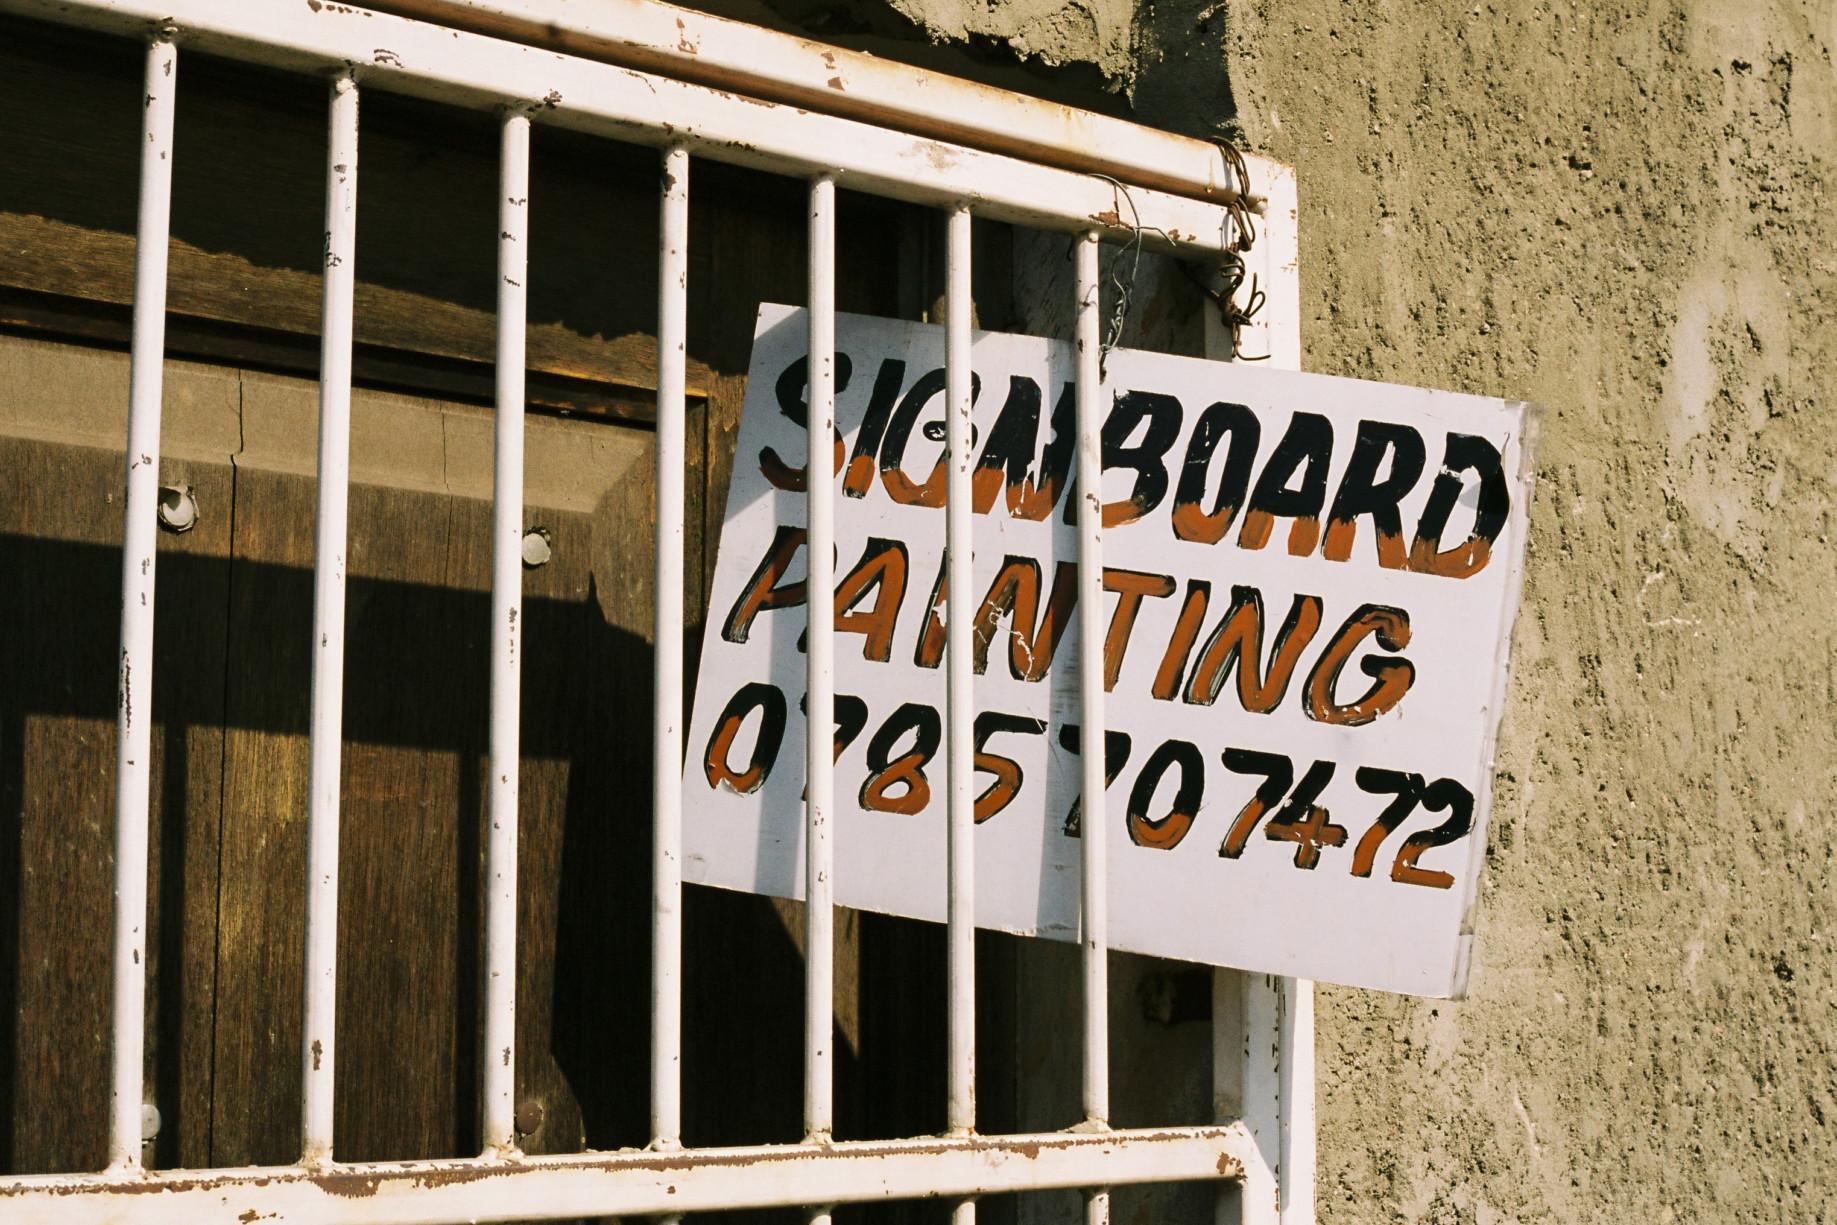 simonweller-downtownjozi-signboard